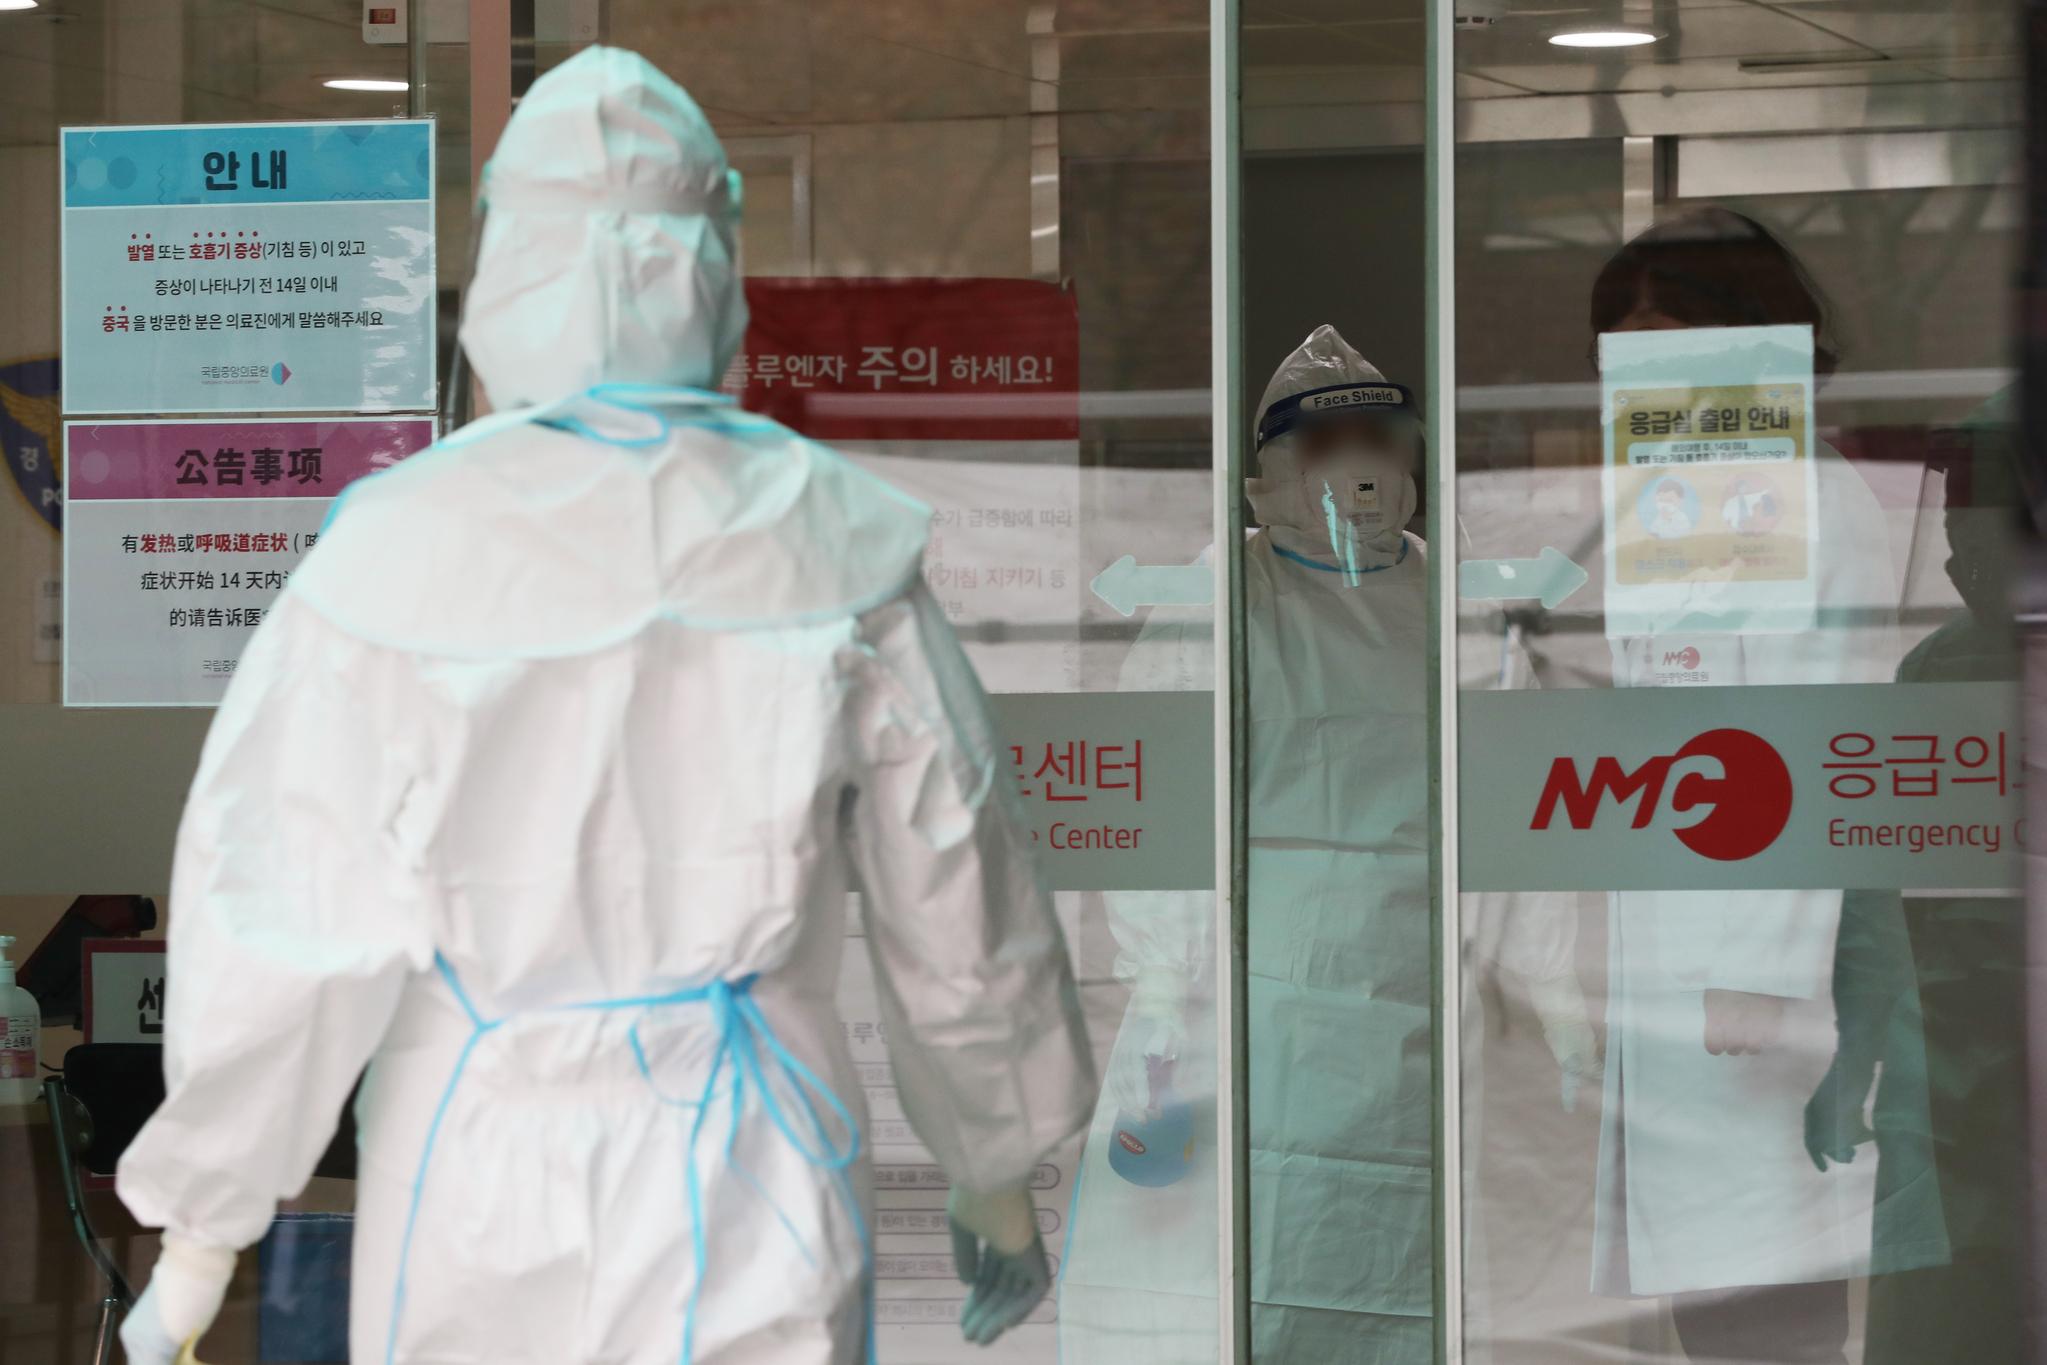 29일 오후 서울 중구 국립중앙의료원에서 의료진이 신종 코로나바이러스 감염증 선별진료소에서 나와 응급실로 들어가고 있다.   [연합뉴스]